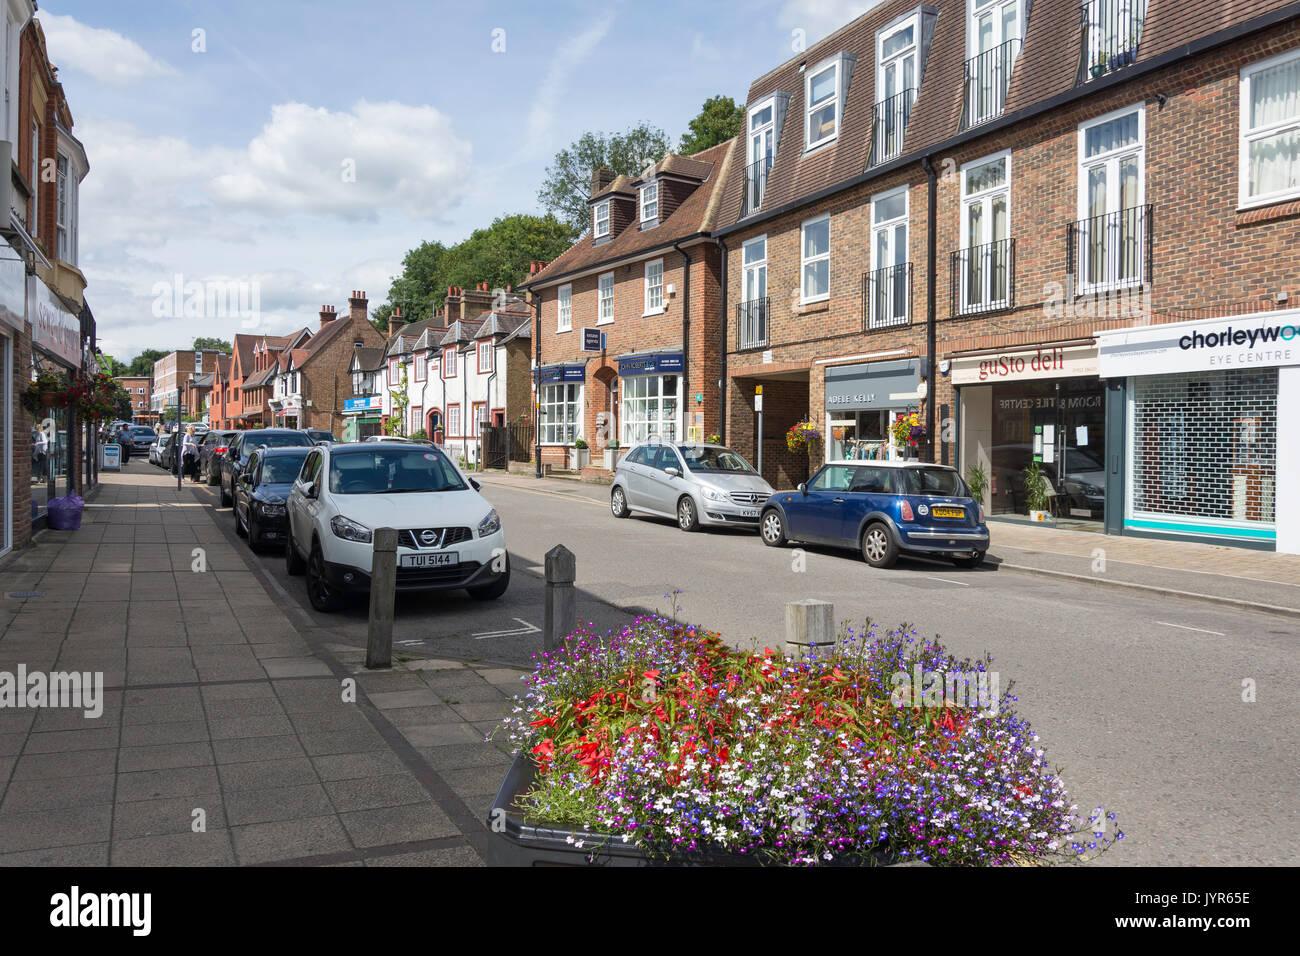 Lower Road, Chorleywood, Hertfordshire, England, United Kingdom - Stock Image